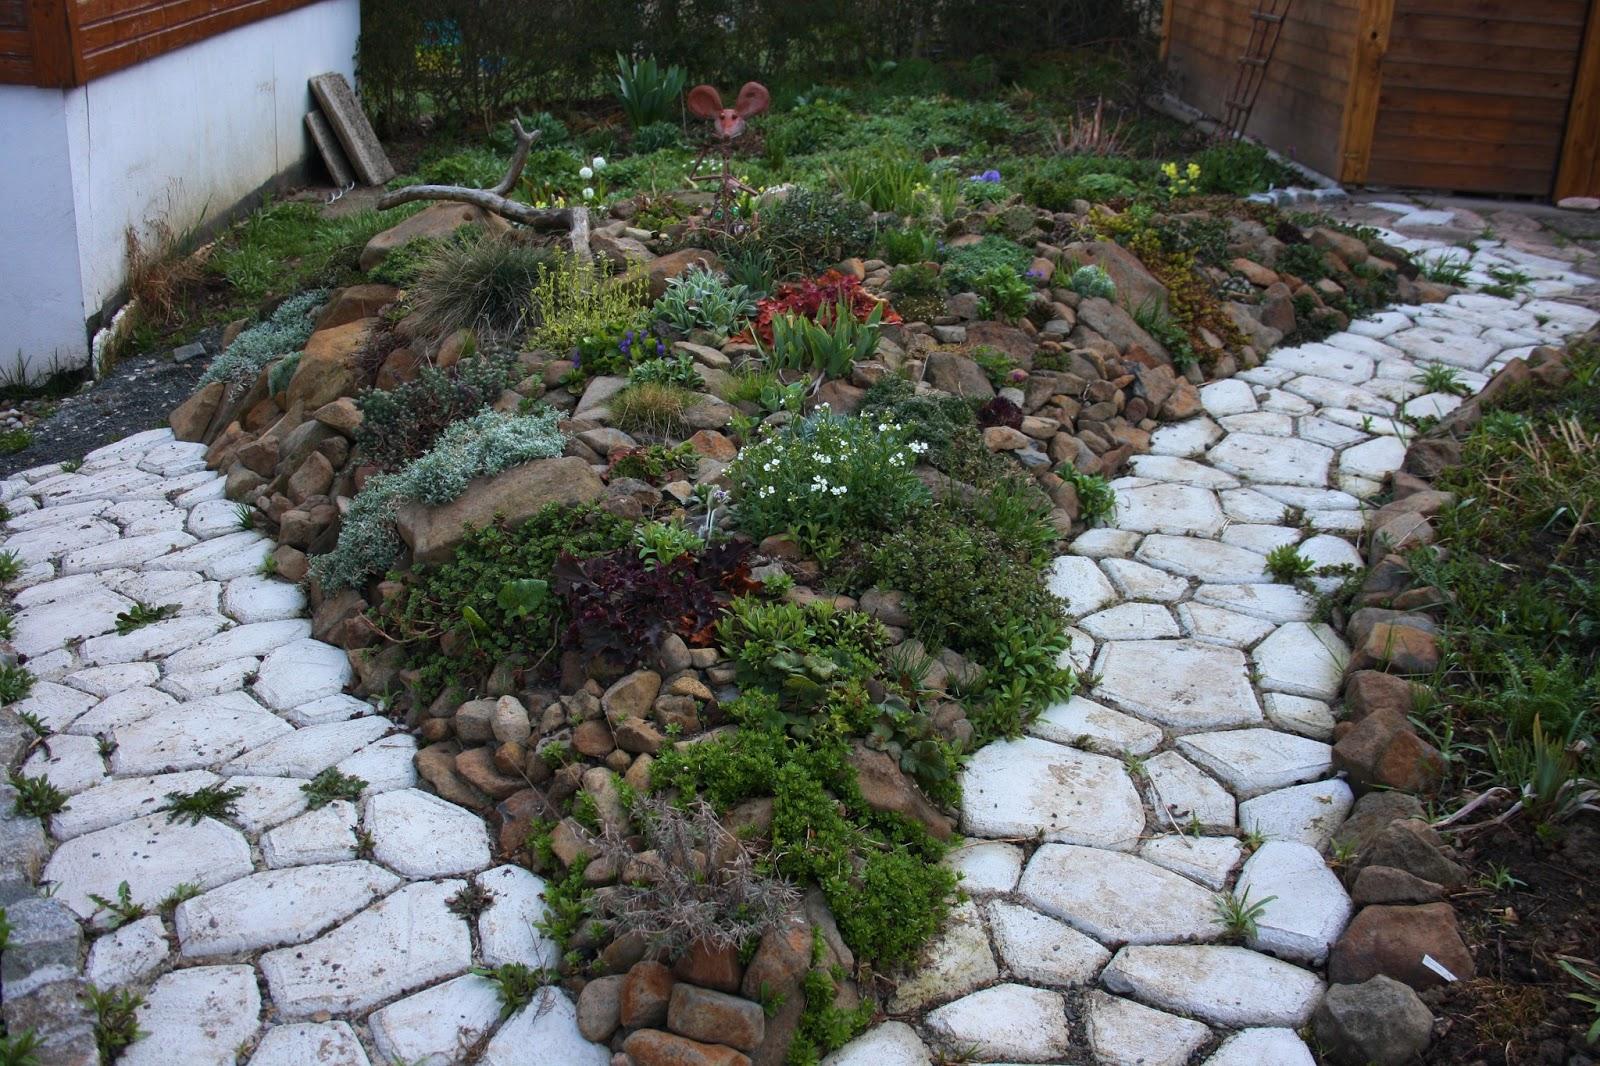 Wildes gartengl ck garten im april - Steingarten bilder ...